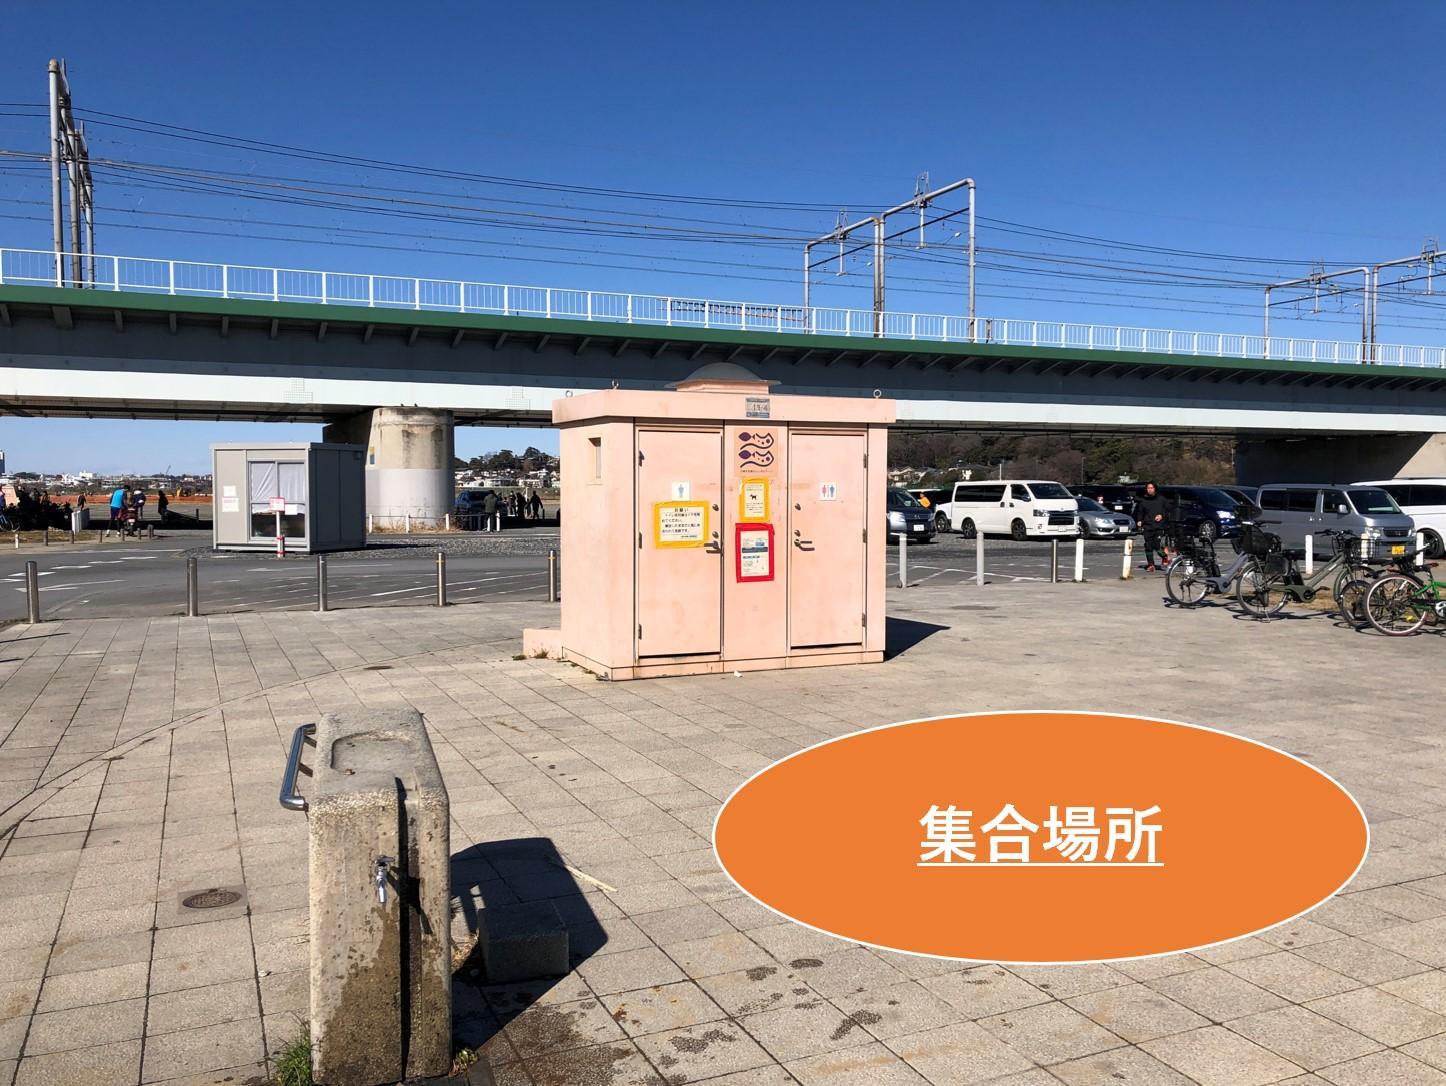 丸子橋広場集合場所トイレ前2